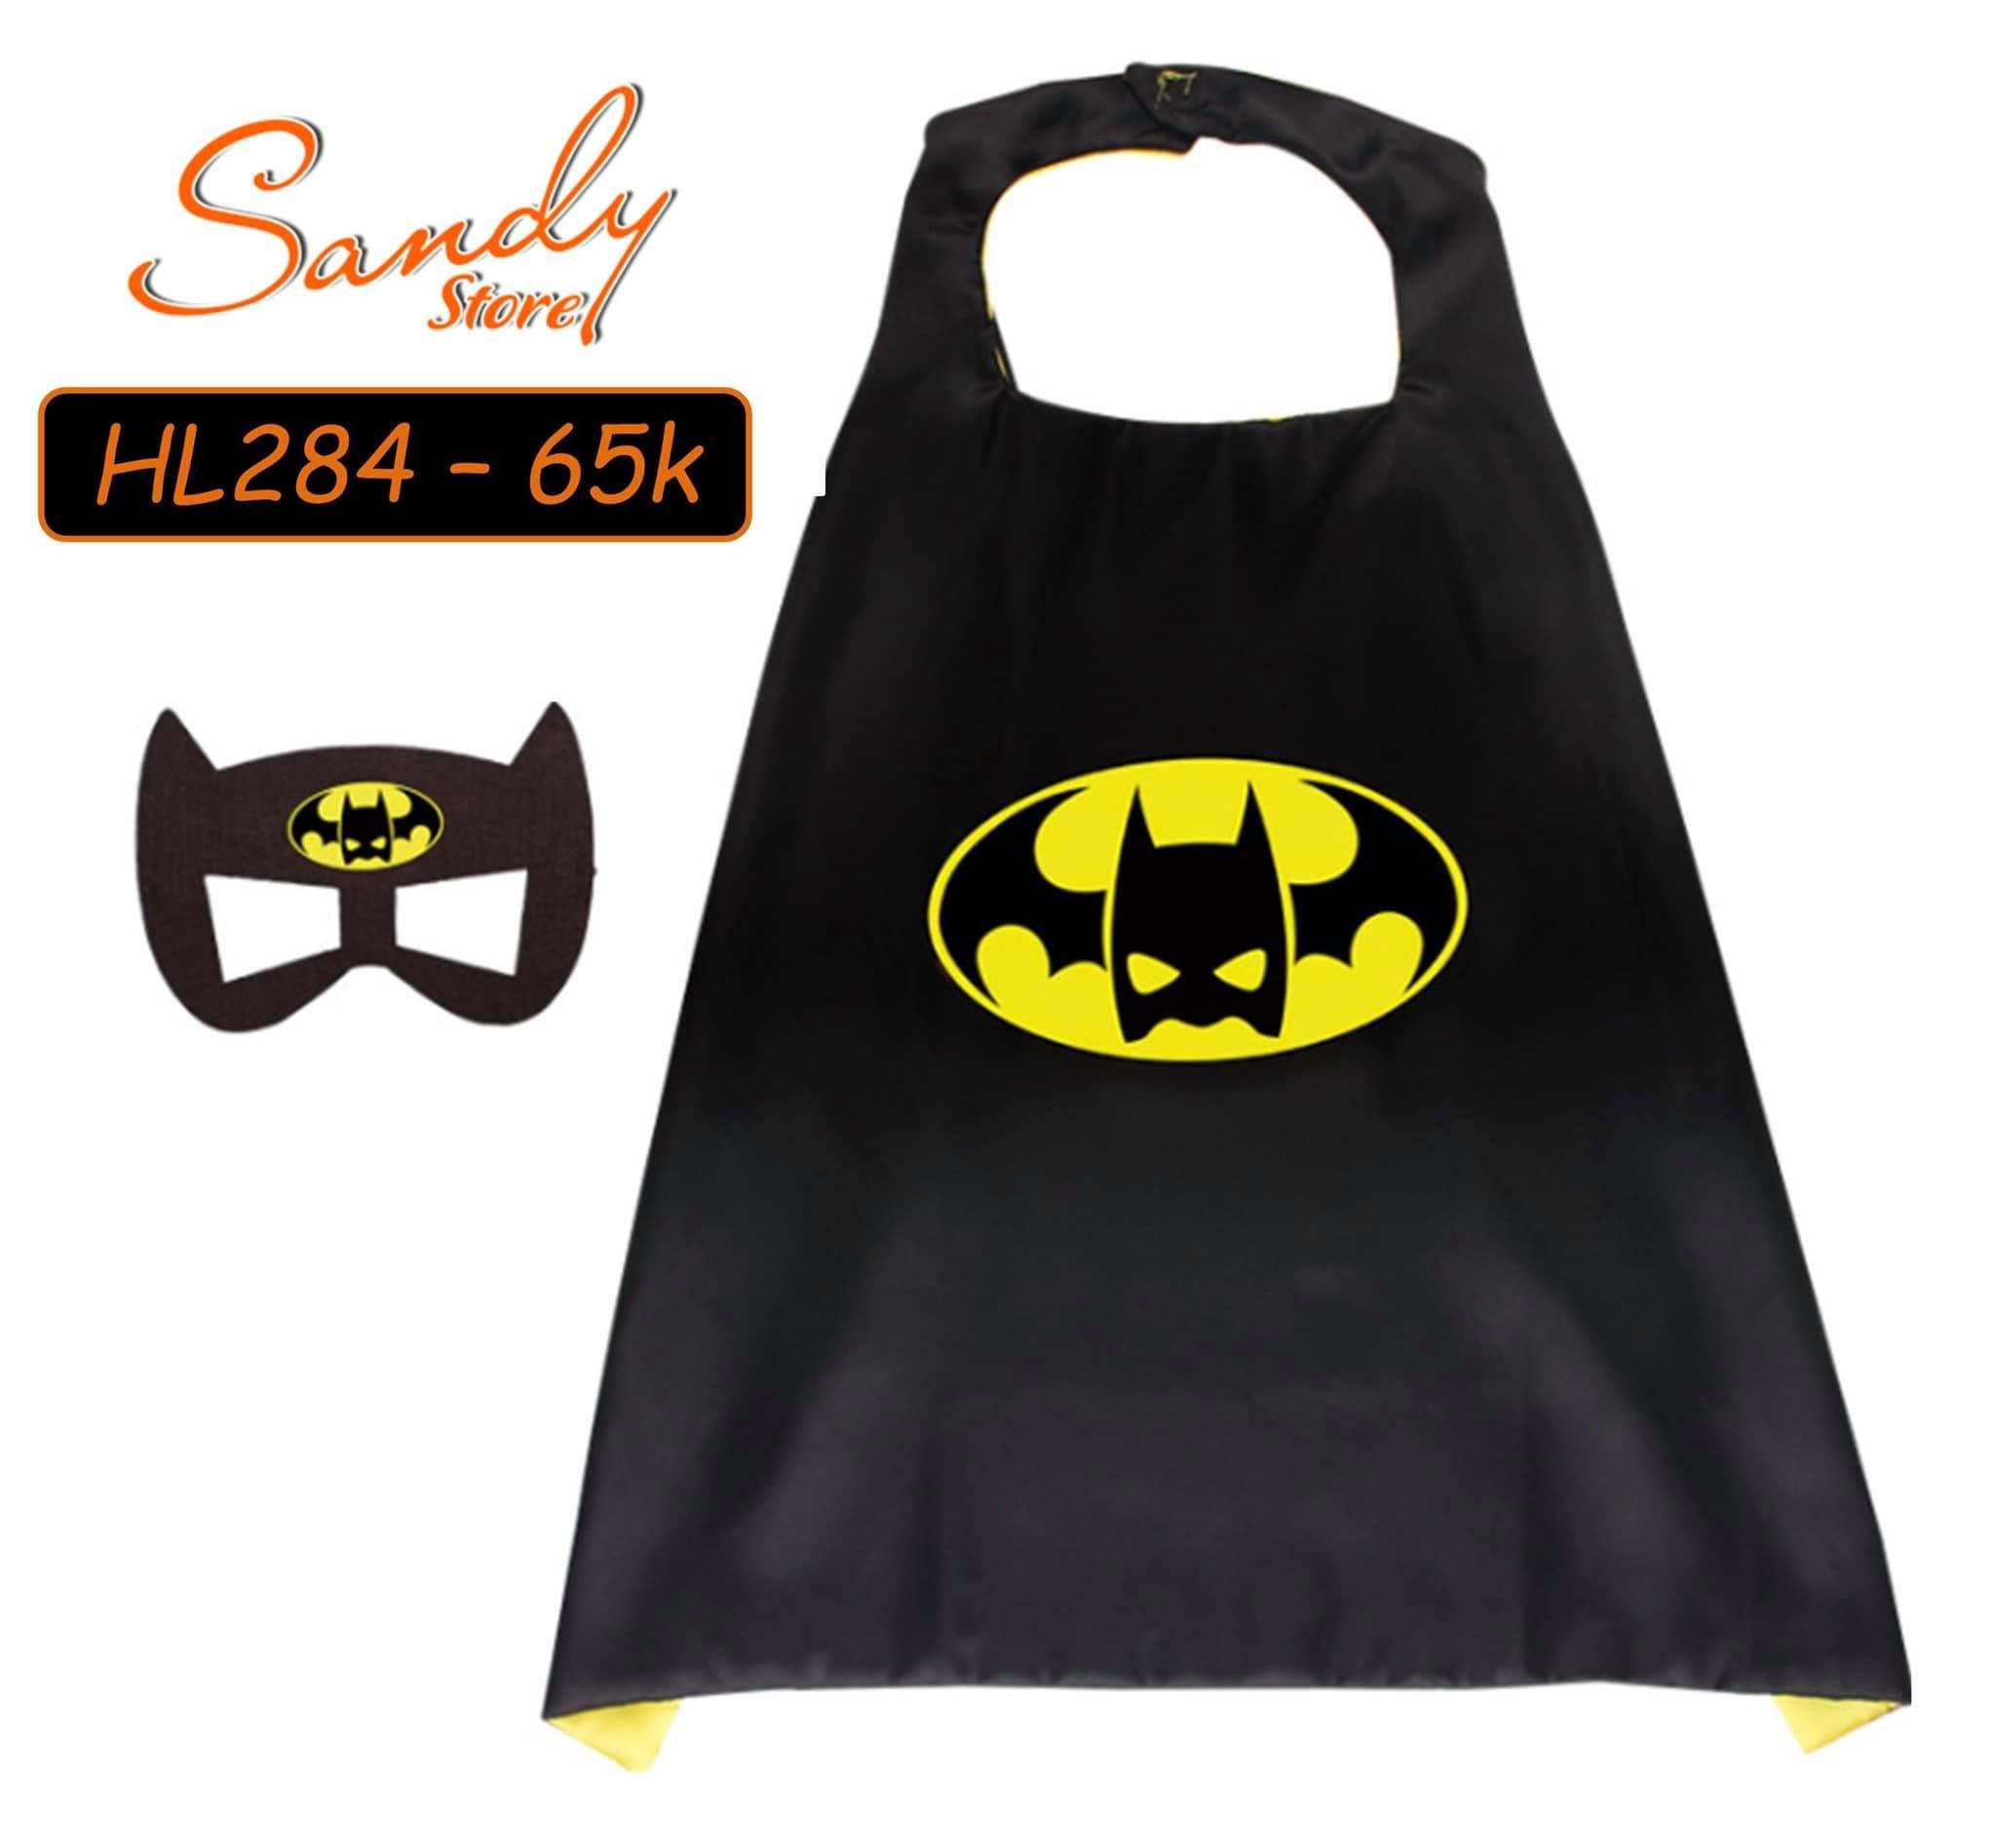 HL284 - Choàng Batman + Mặt Nạ